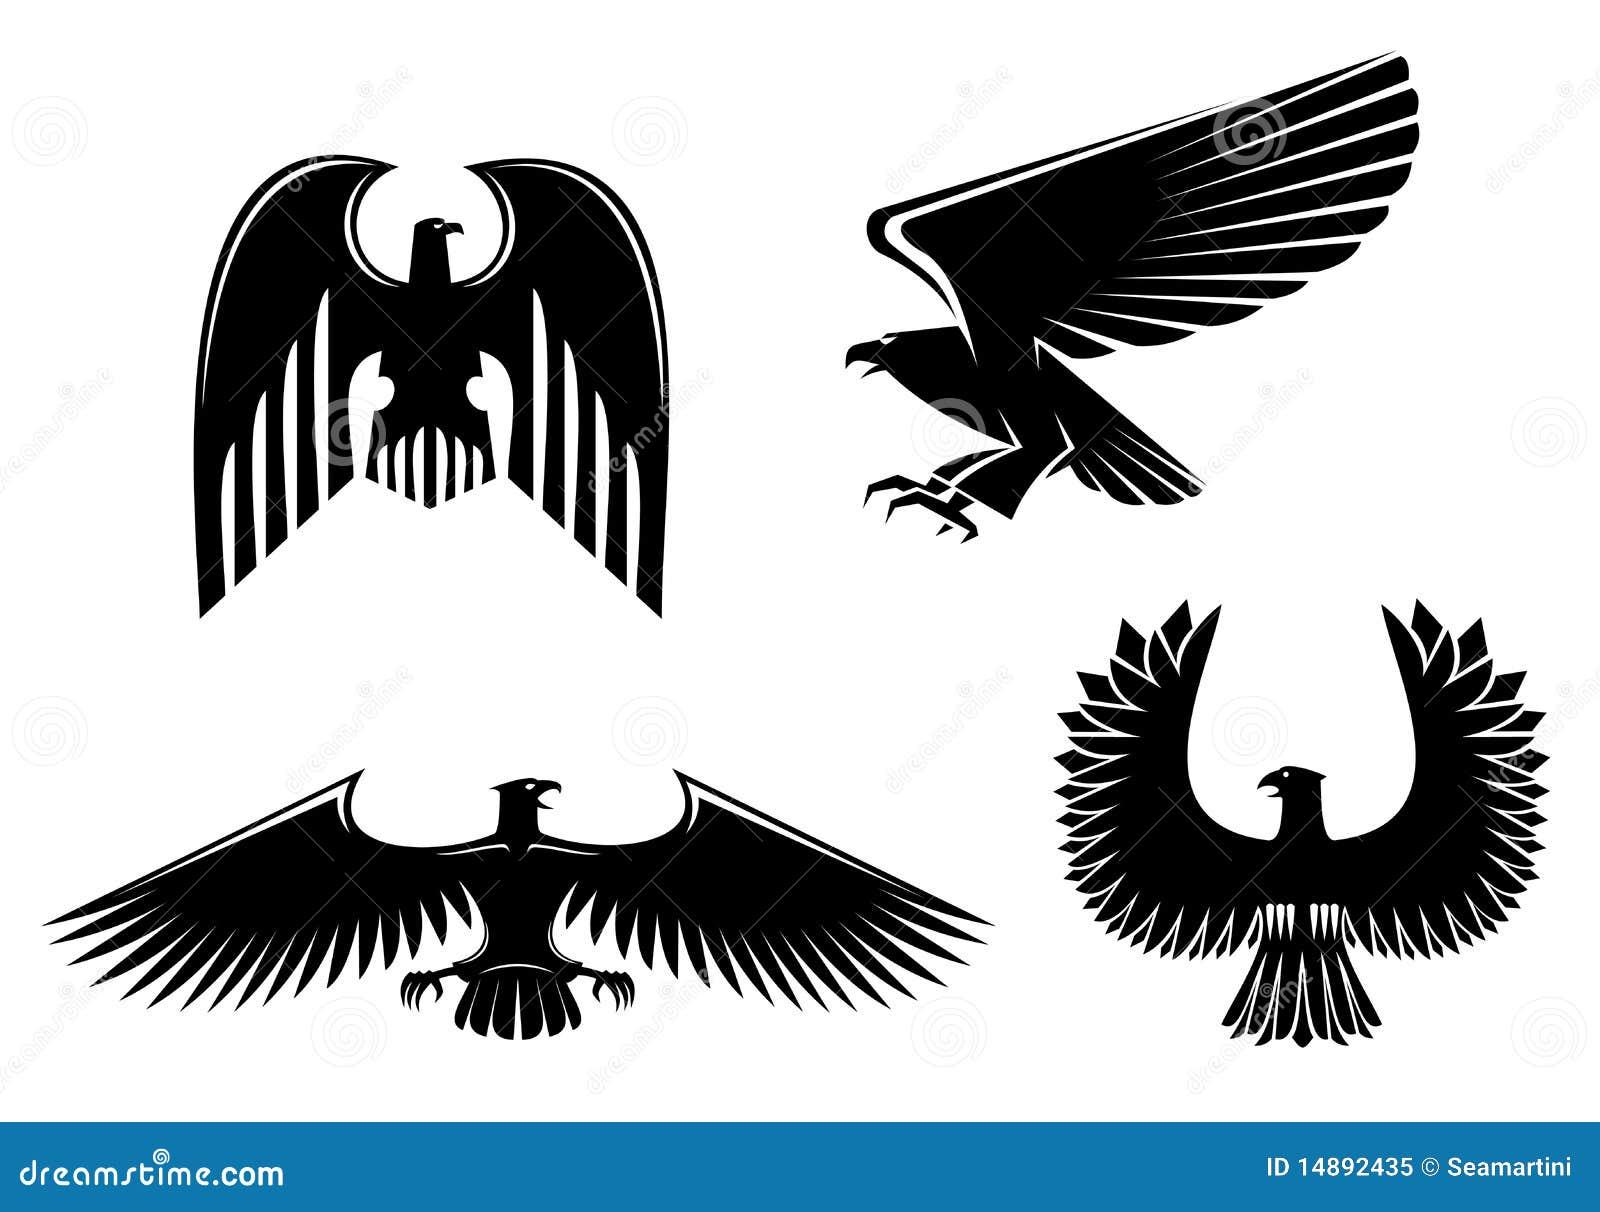 Eagle Symbol Royalty Free Stock Photo Image 14892435